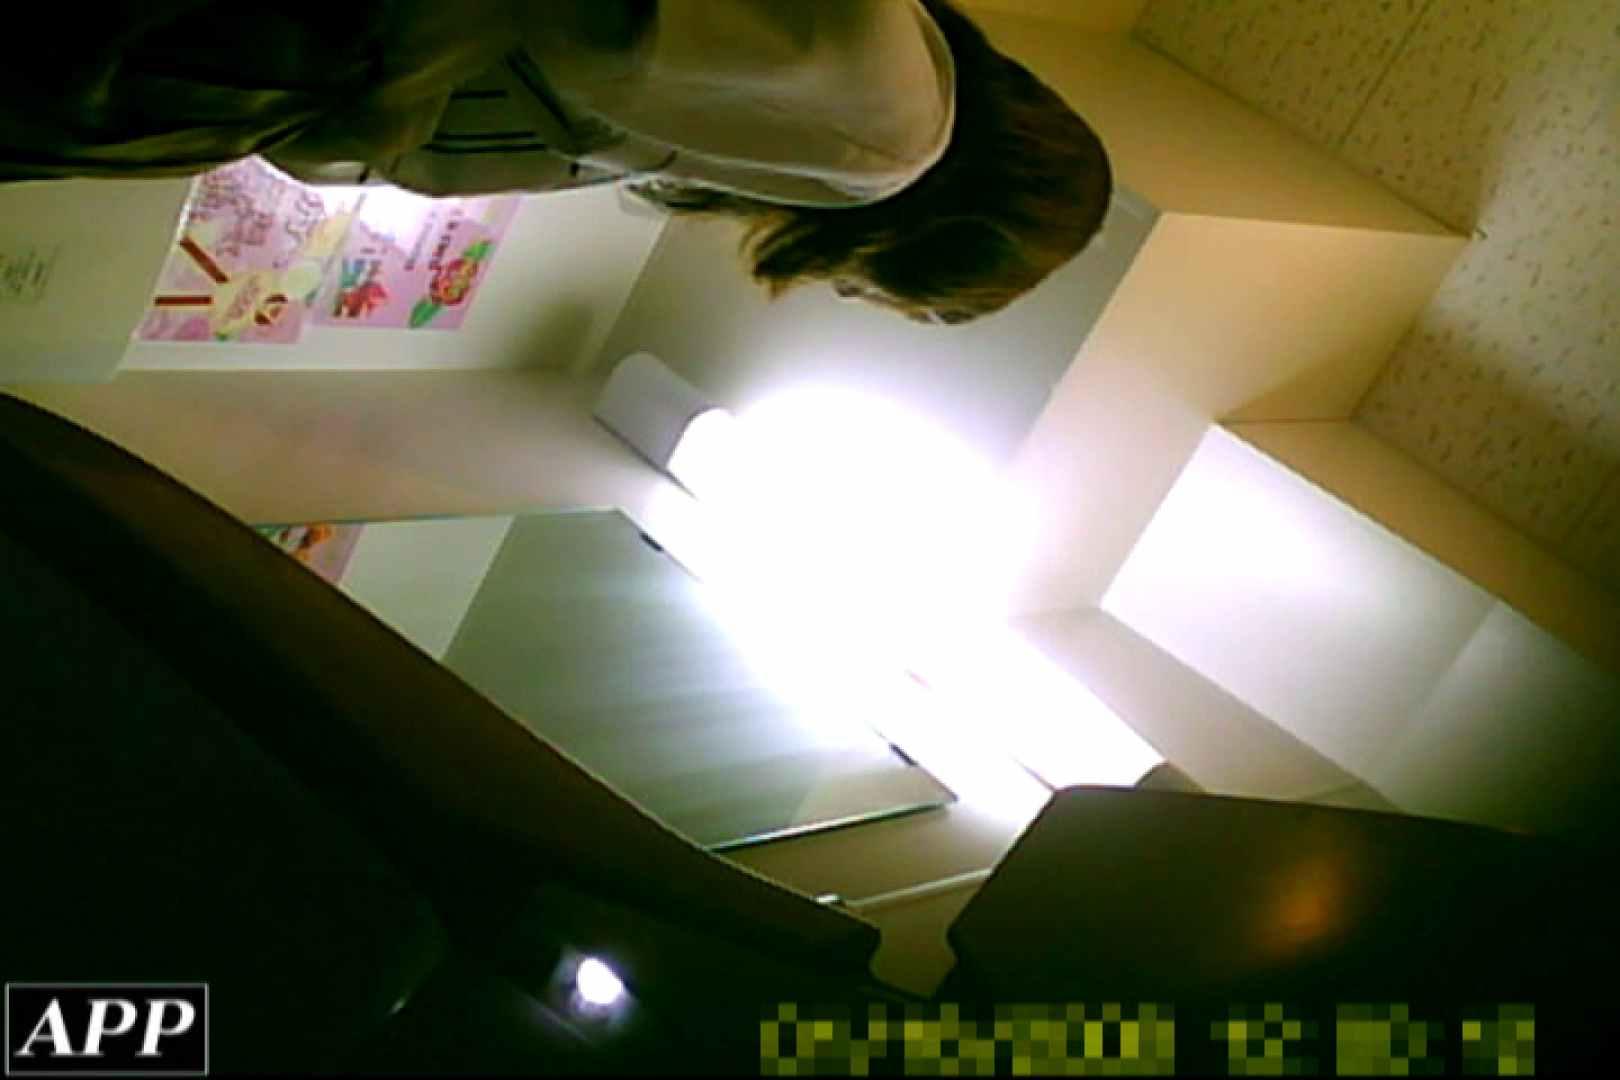 3視点洗面所 vol.128 モロだしオマンコ 隠し撮りオマンコ動画紹介 102pic 34